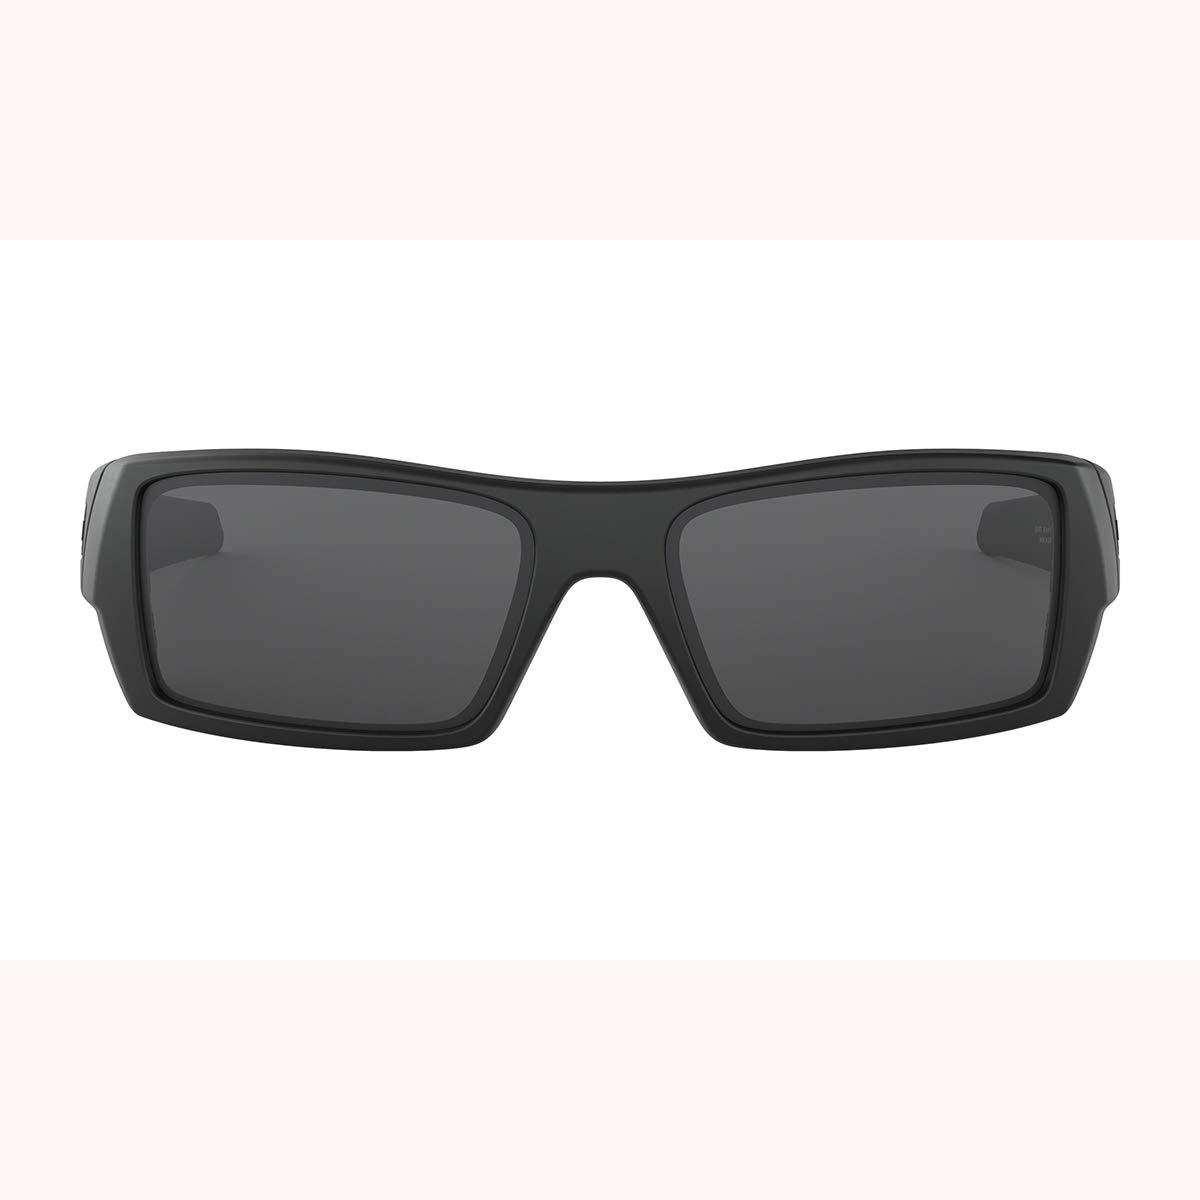 Oakley Men's OO9014 Gascan Rectangular Sunglasses, Matte Black/Grey, 60 mm by Oakley